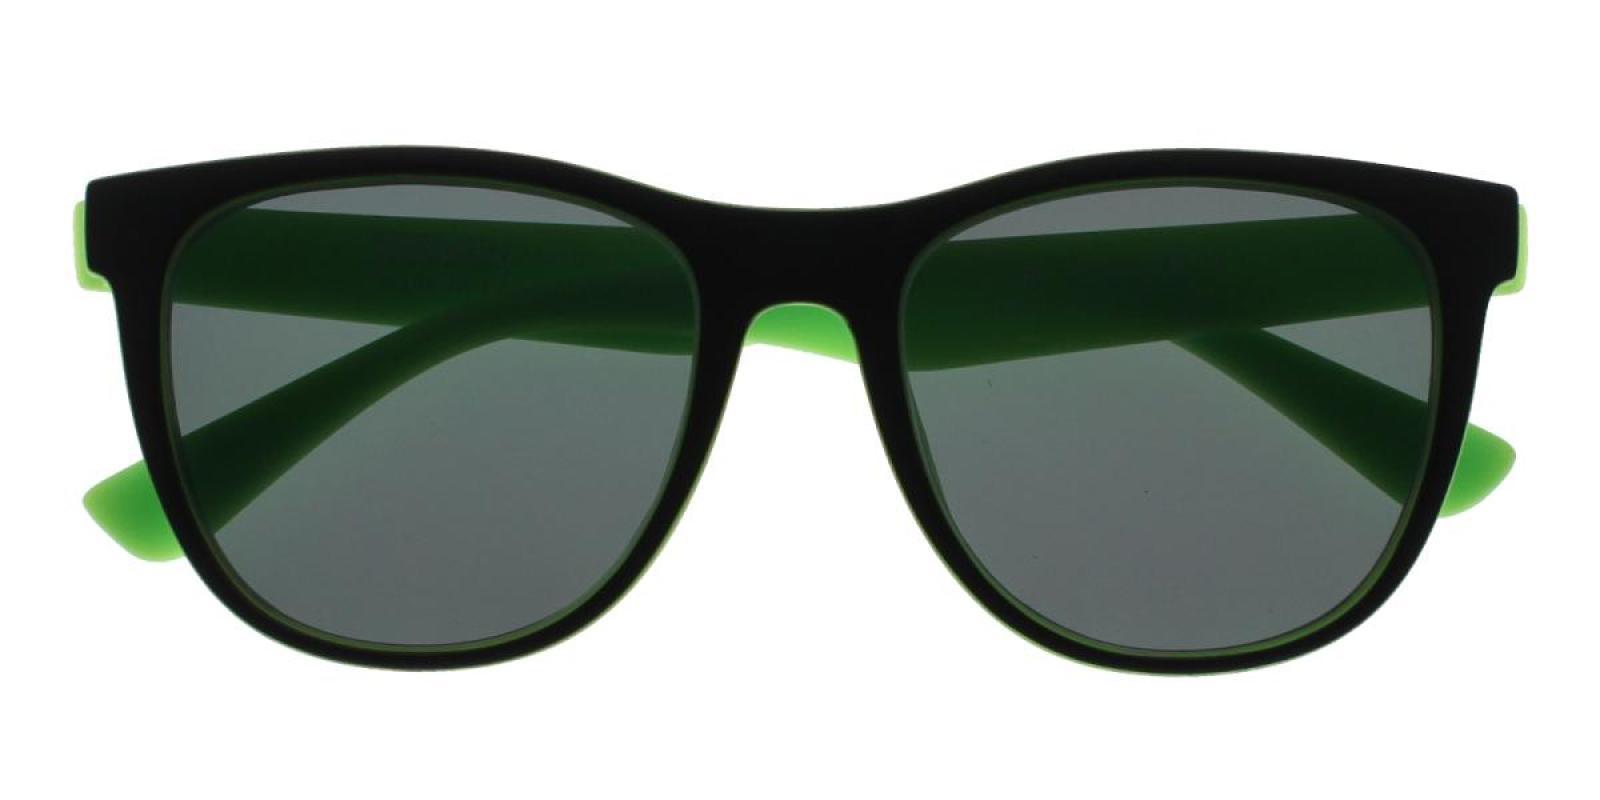 Malibu-Green-Cat-TR-Sunglasses-detail